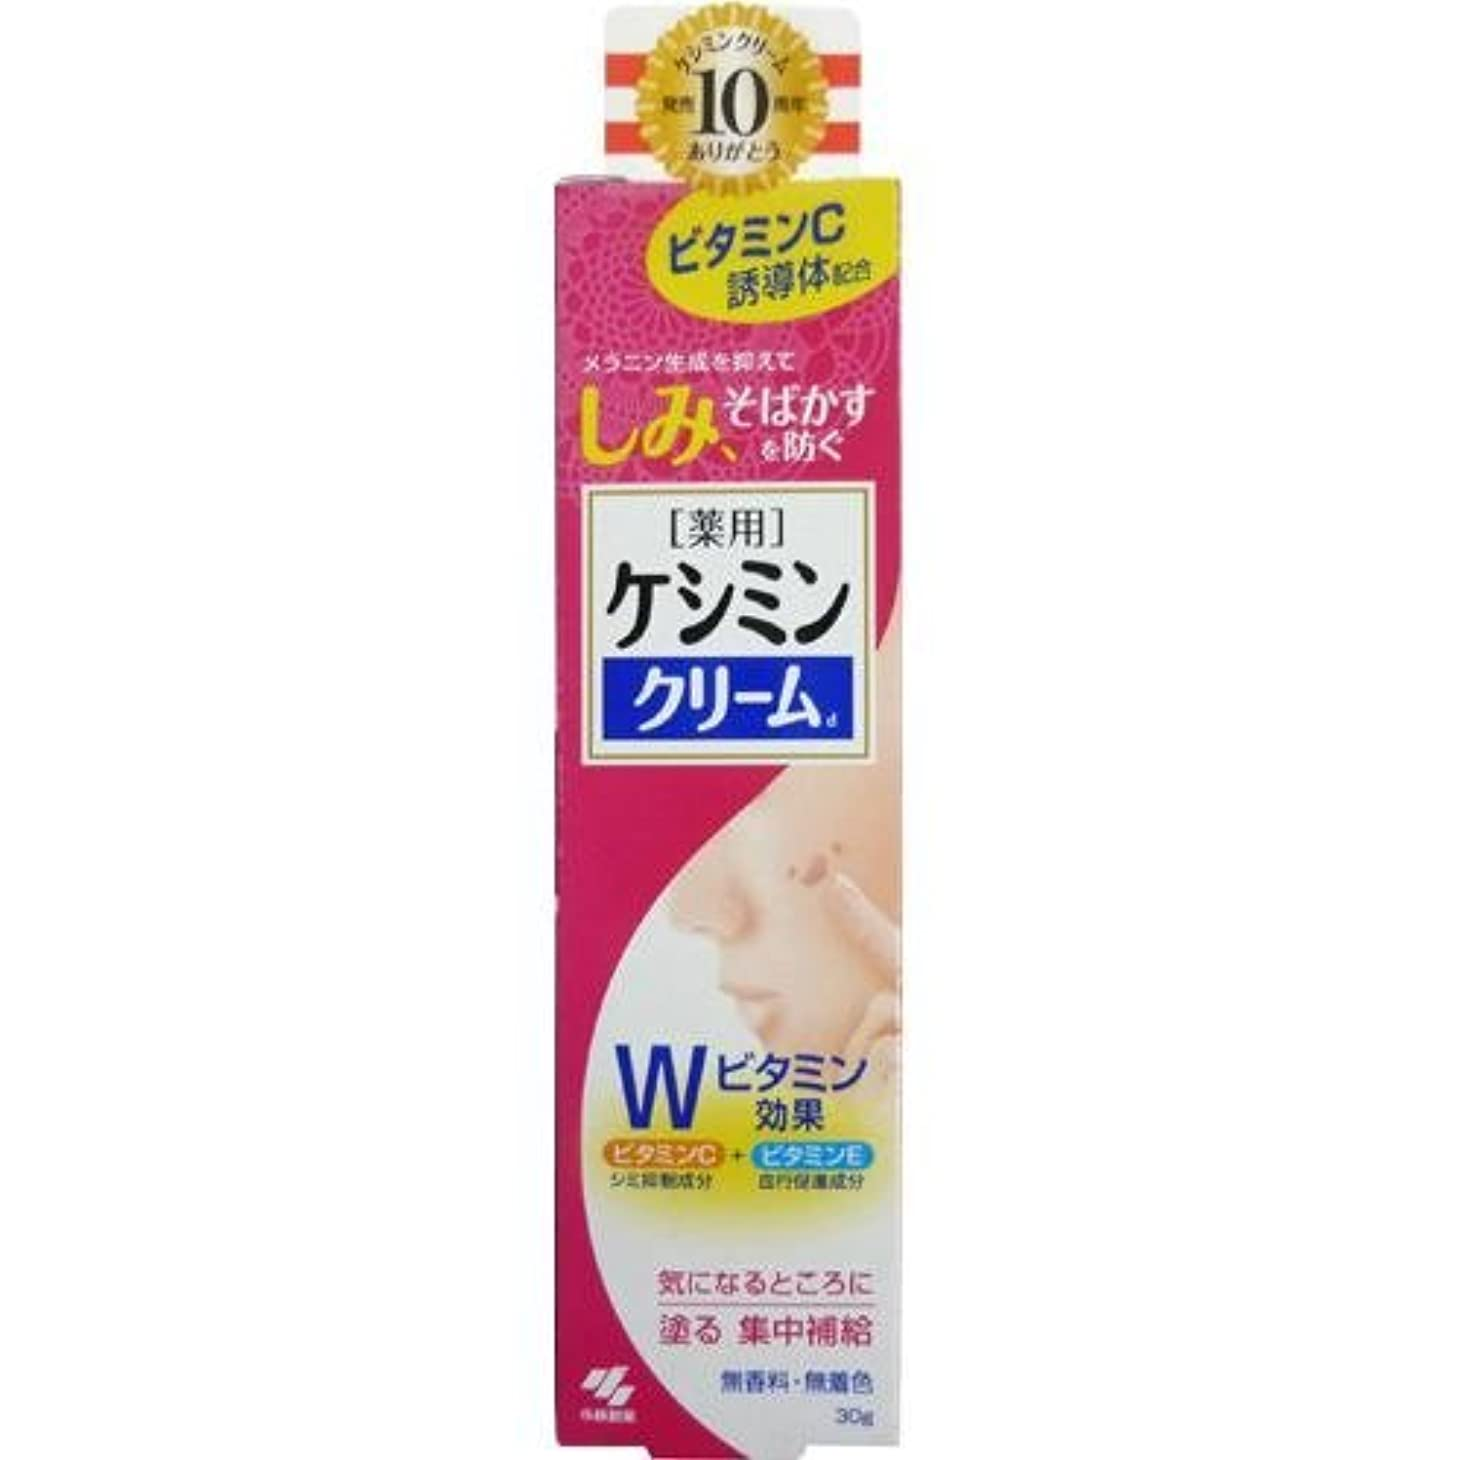 許可電圧マージン【3個セット】薬用ケシミンクリームC 30G×3